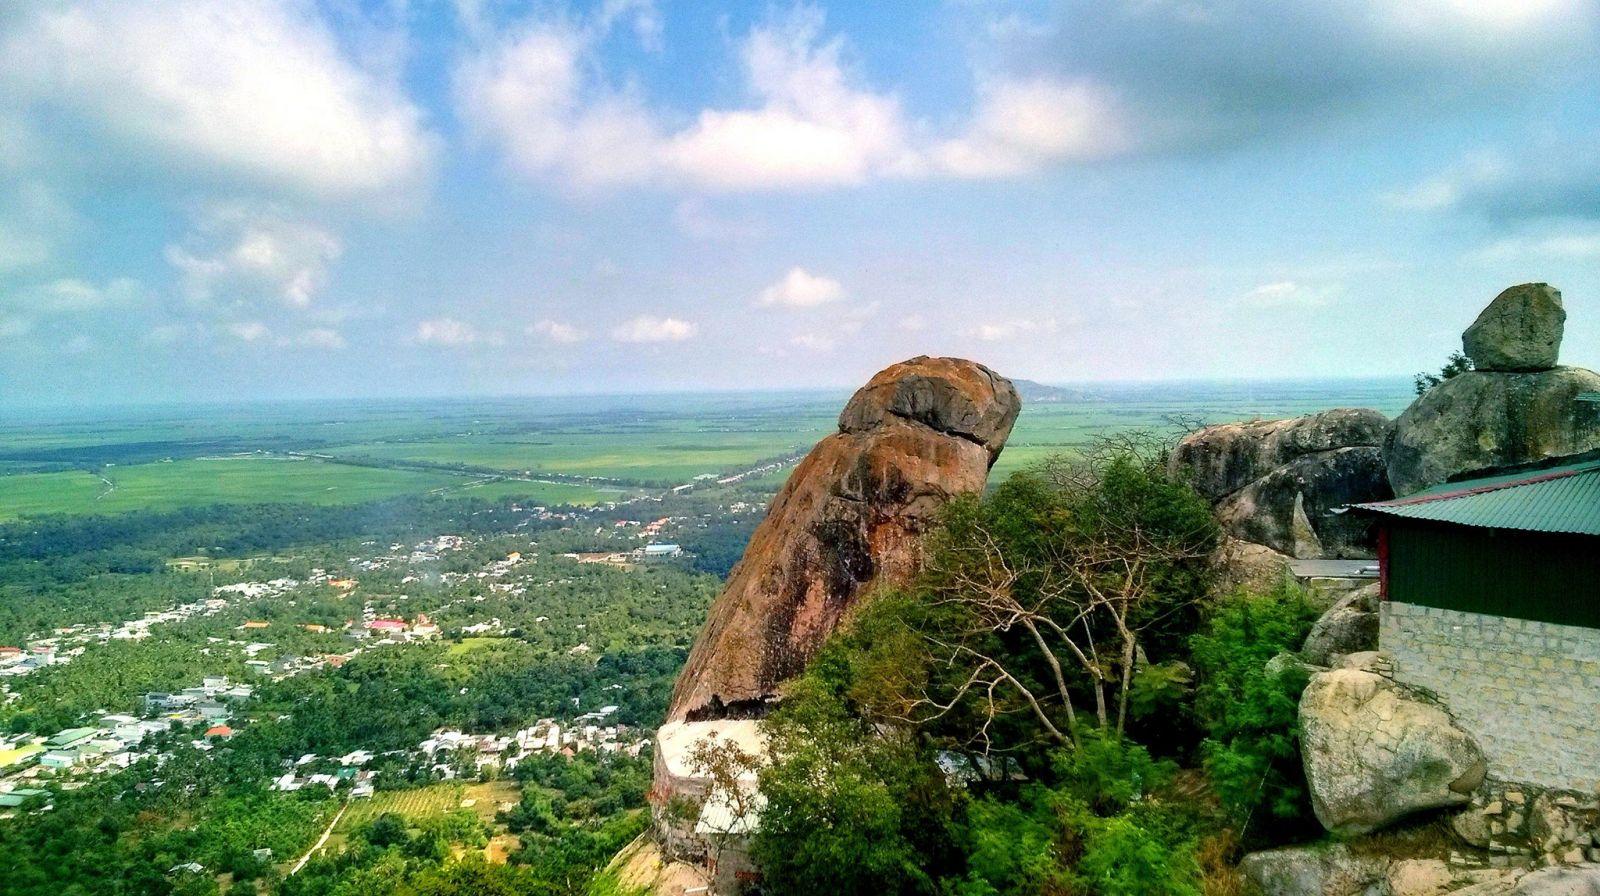 Về An Giang khám phá vẻ đẹp hoang sơ của Núi Két